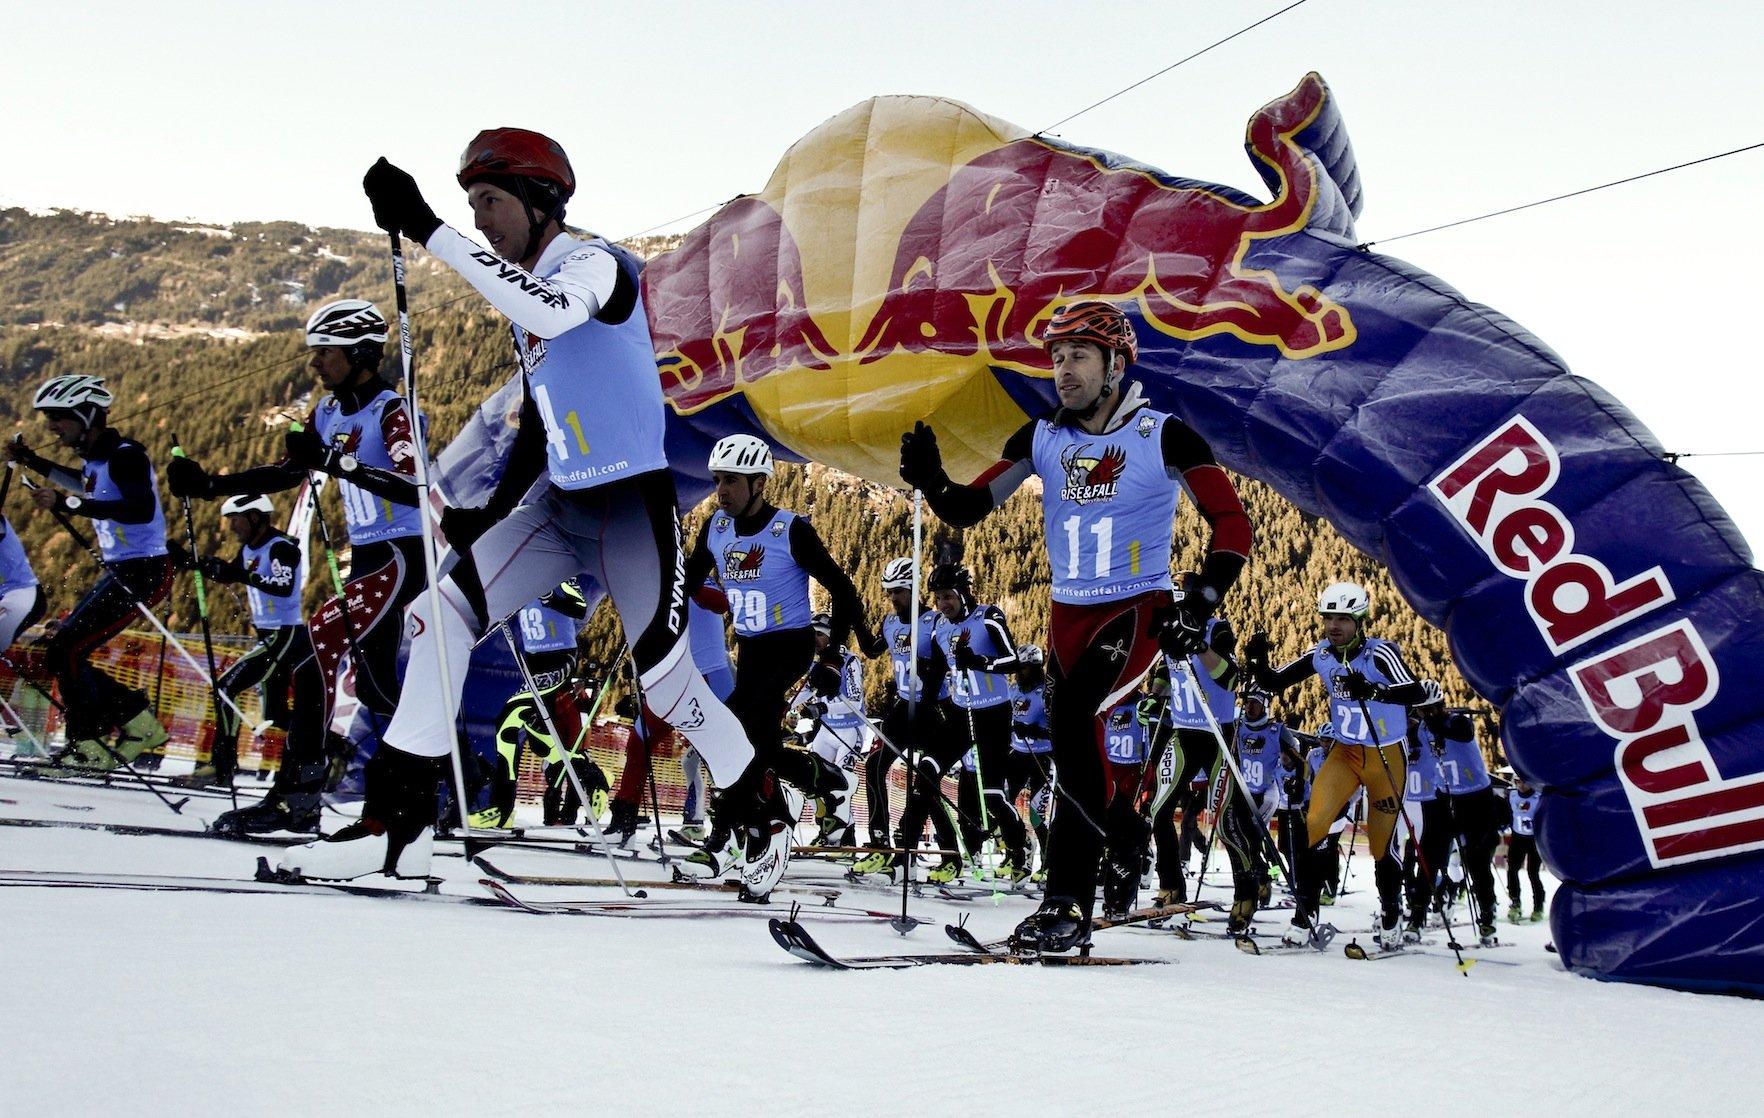 Event – Mayrhofen-Hippach: RISE&FALL – beim härtesten Staffelrennen des Winters zählt nur Vollgas